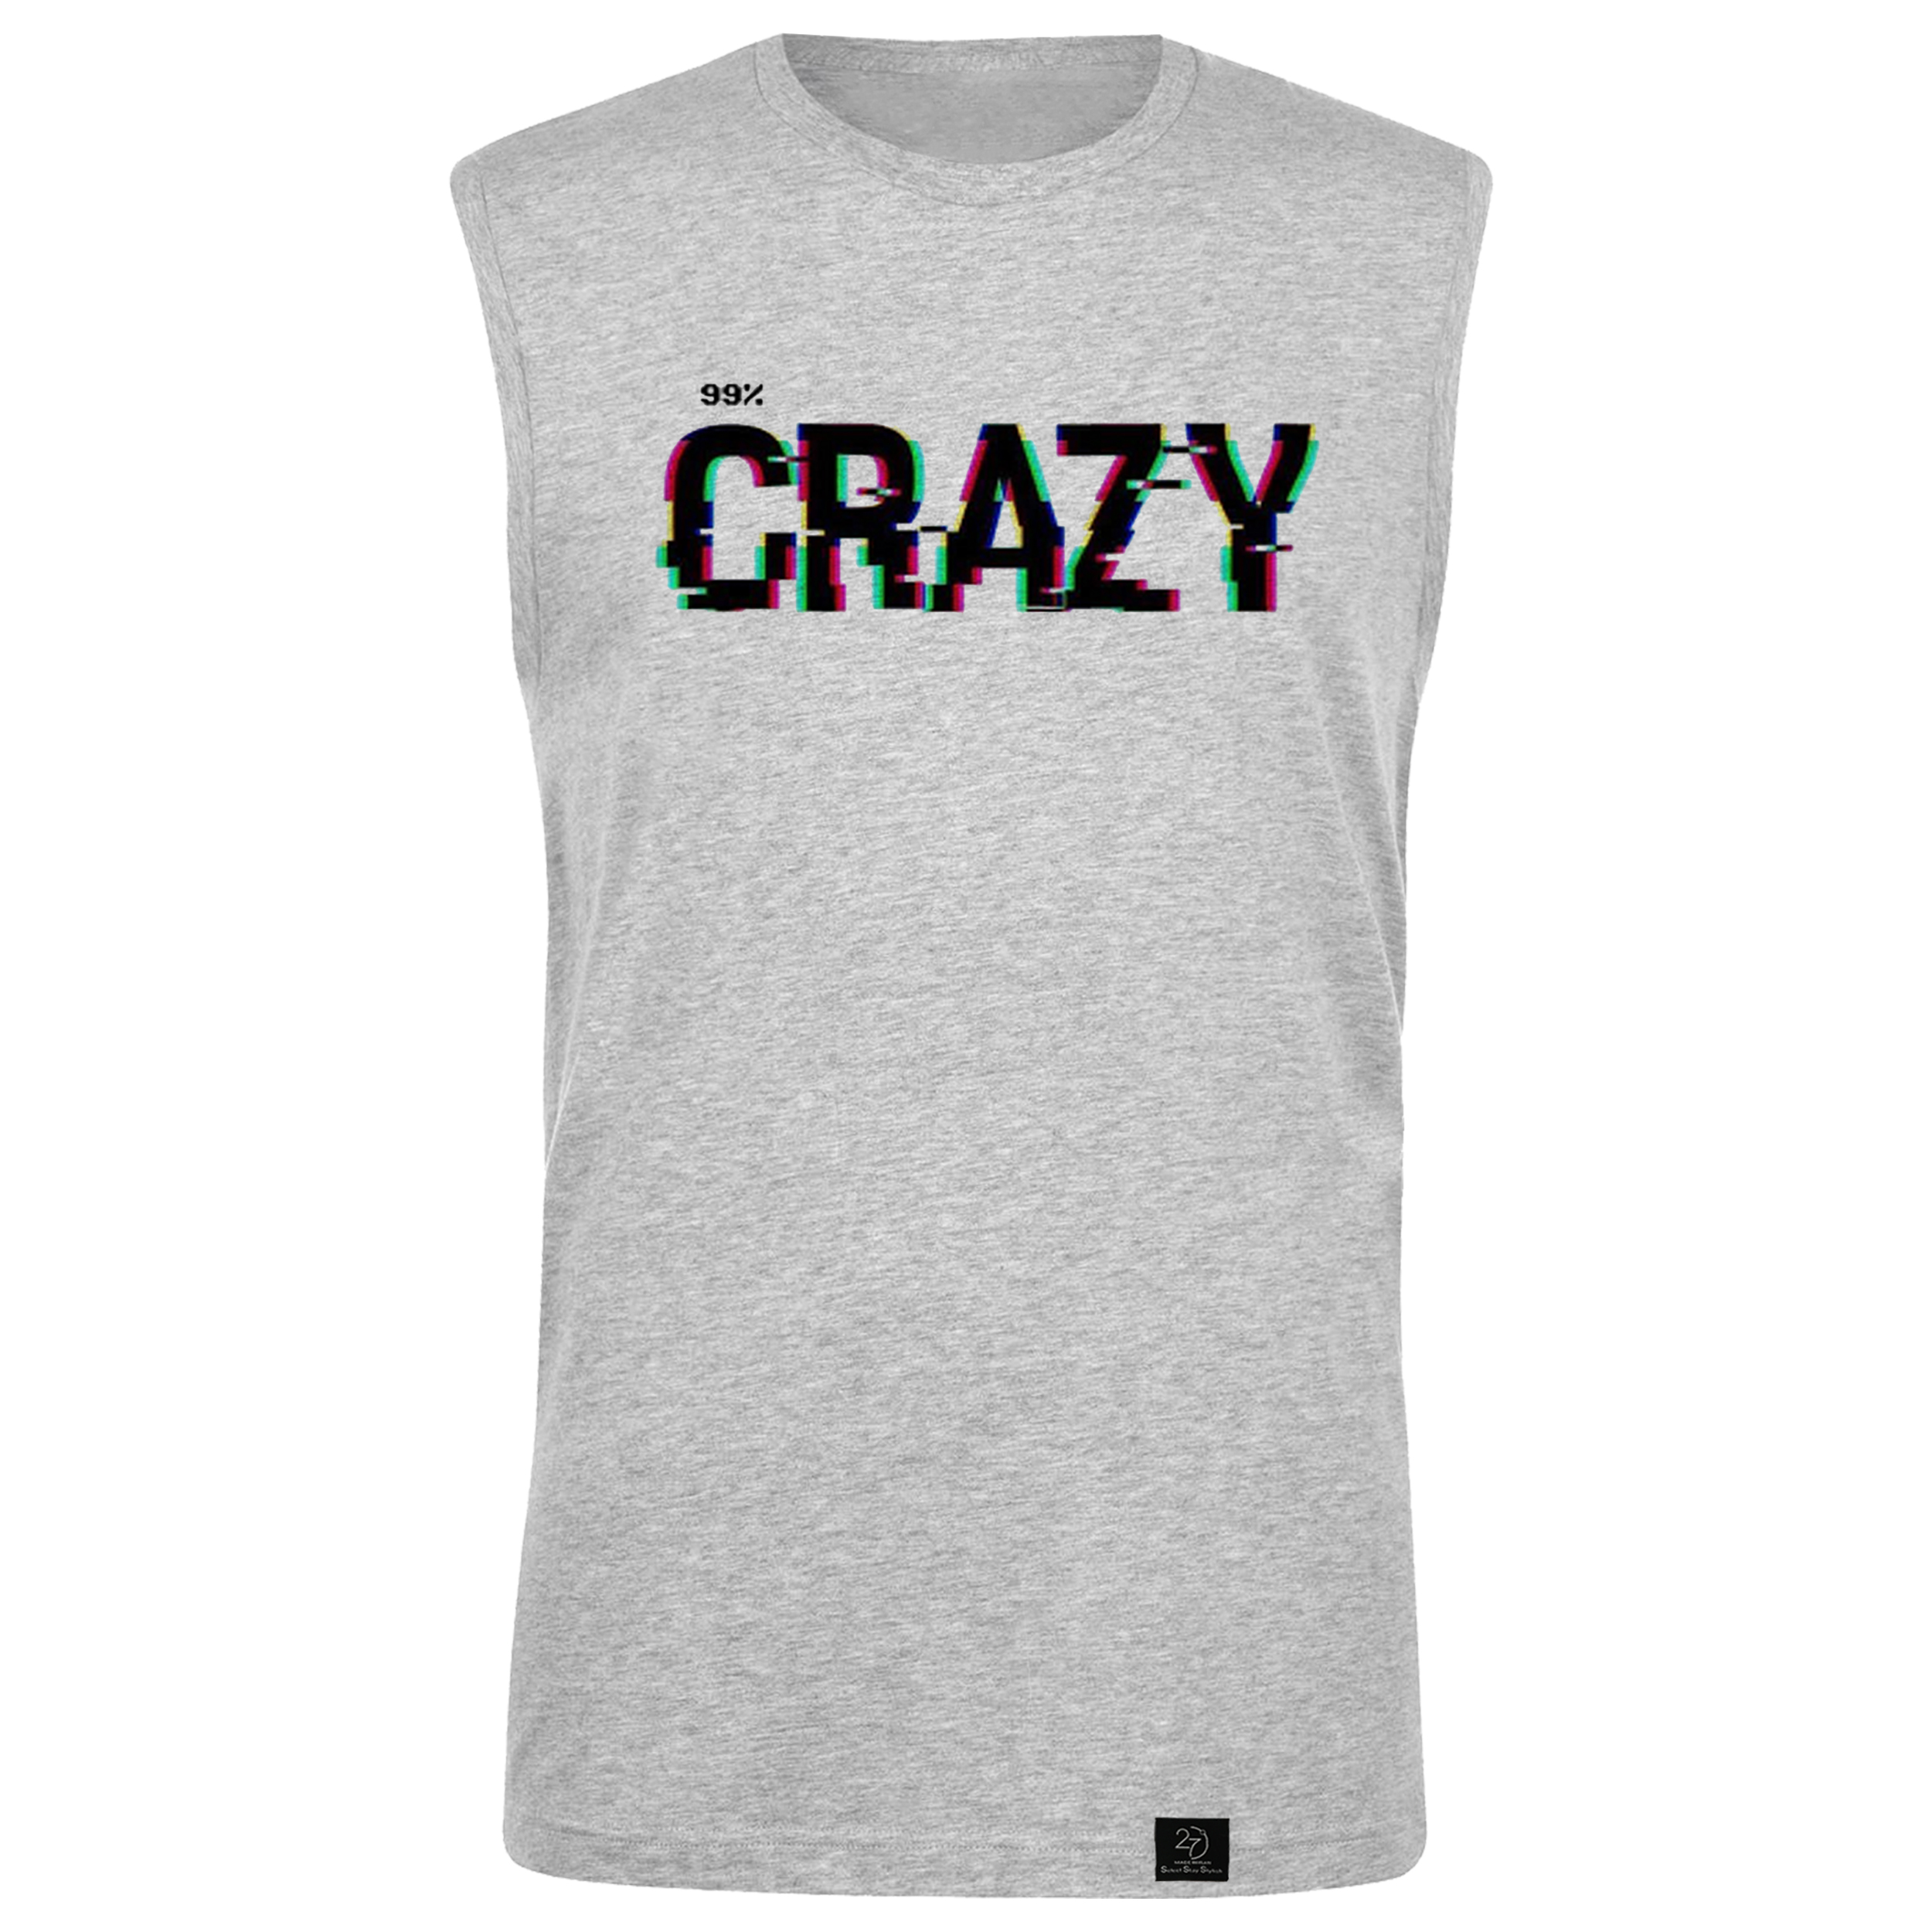 تاپ مردانه 27 مدل crazy کد V01 رنگ طوسی